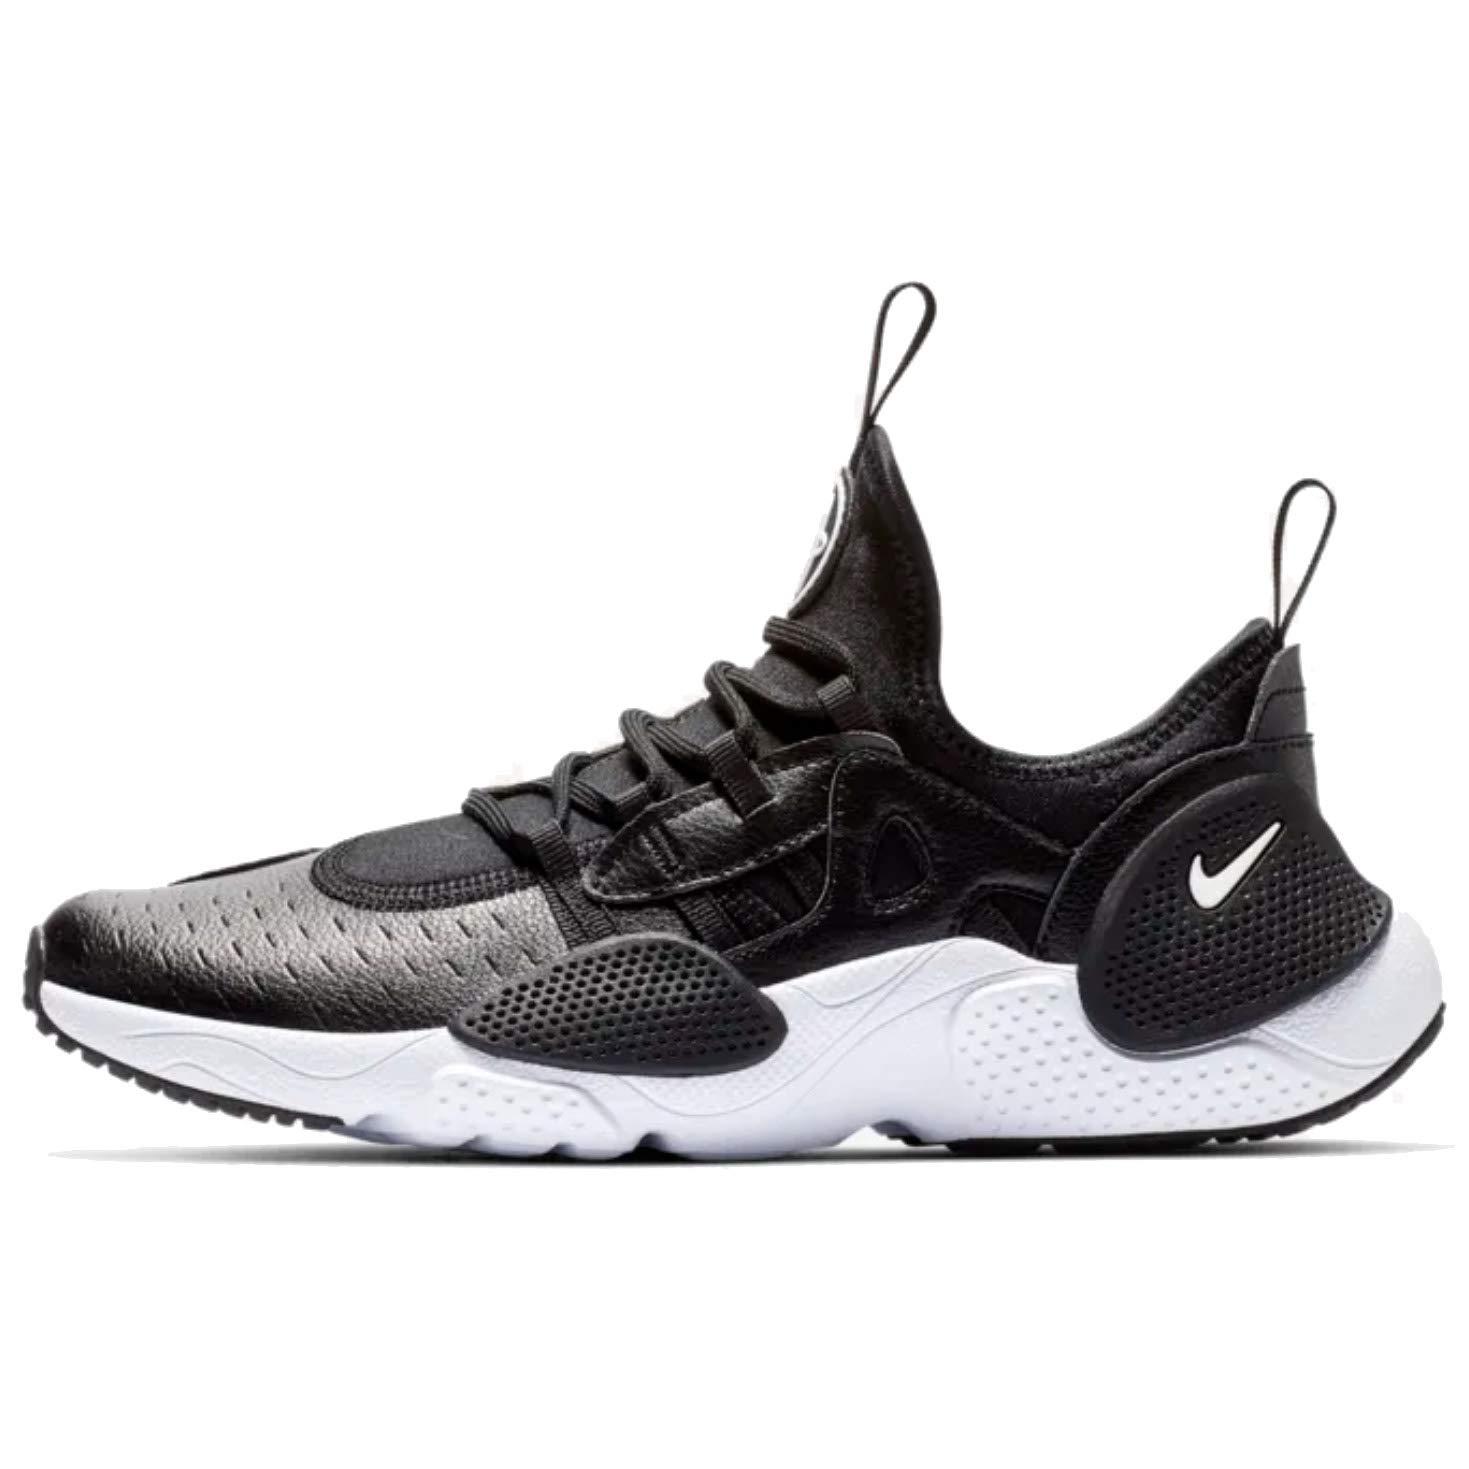 best service b9977 e4017 Amazon.com: Nike Huarache E.D.G.E. BG (Kids): Shoes